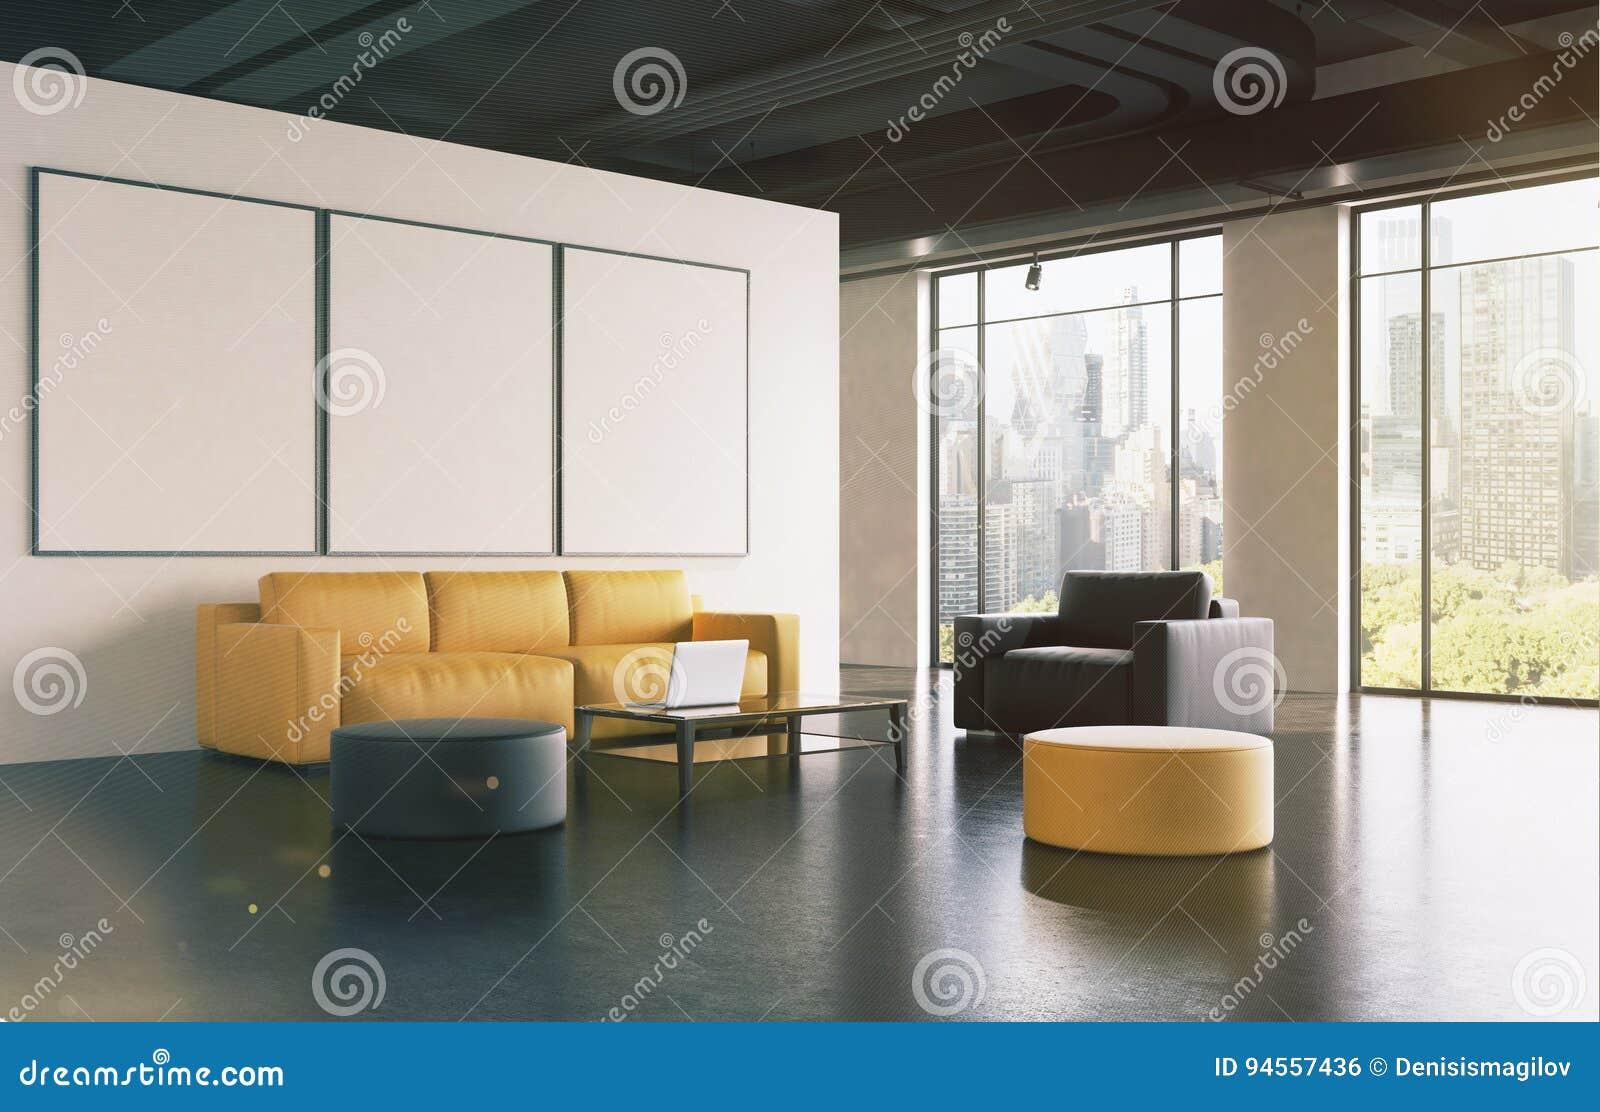 办公室候诊室:沙发,画廊,支持定调子